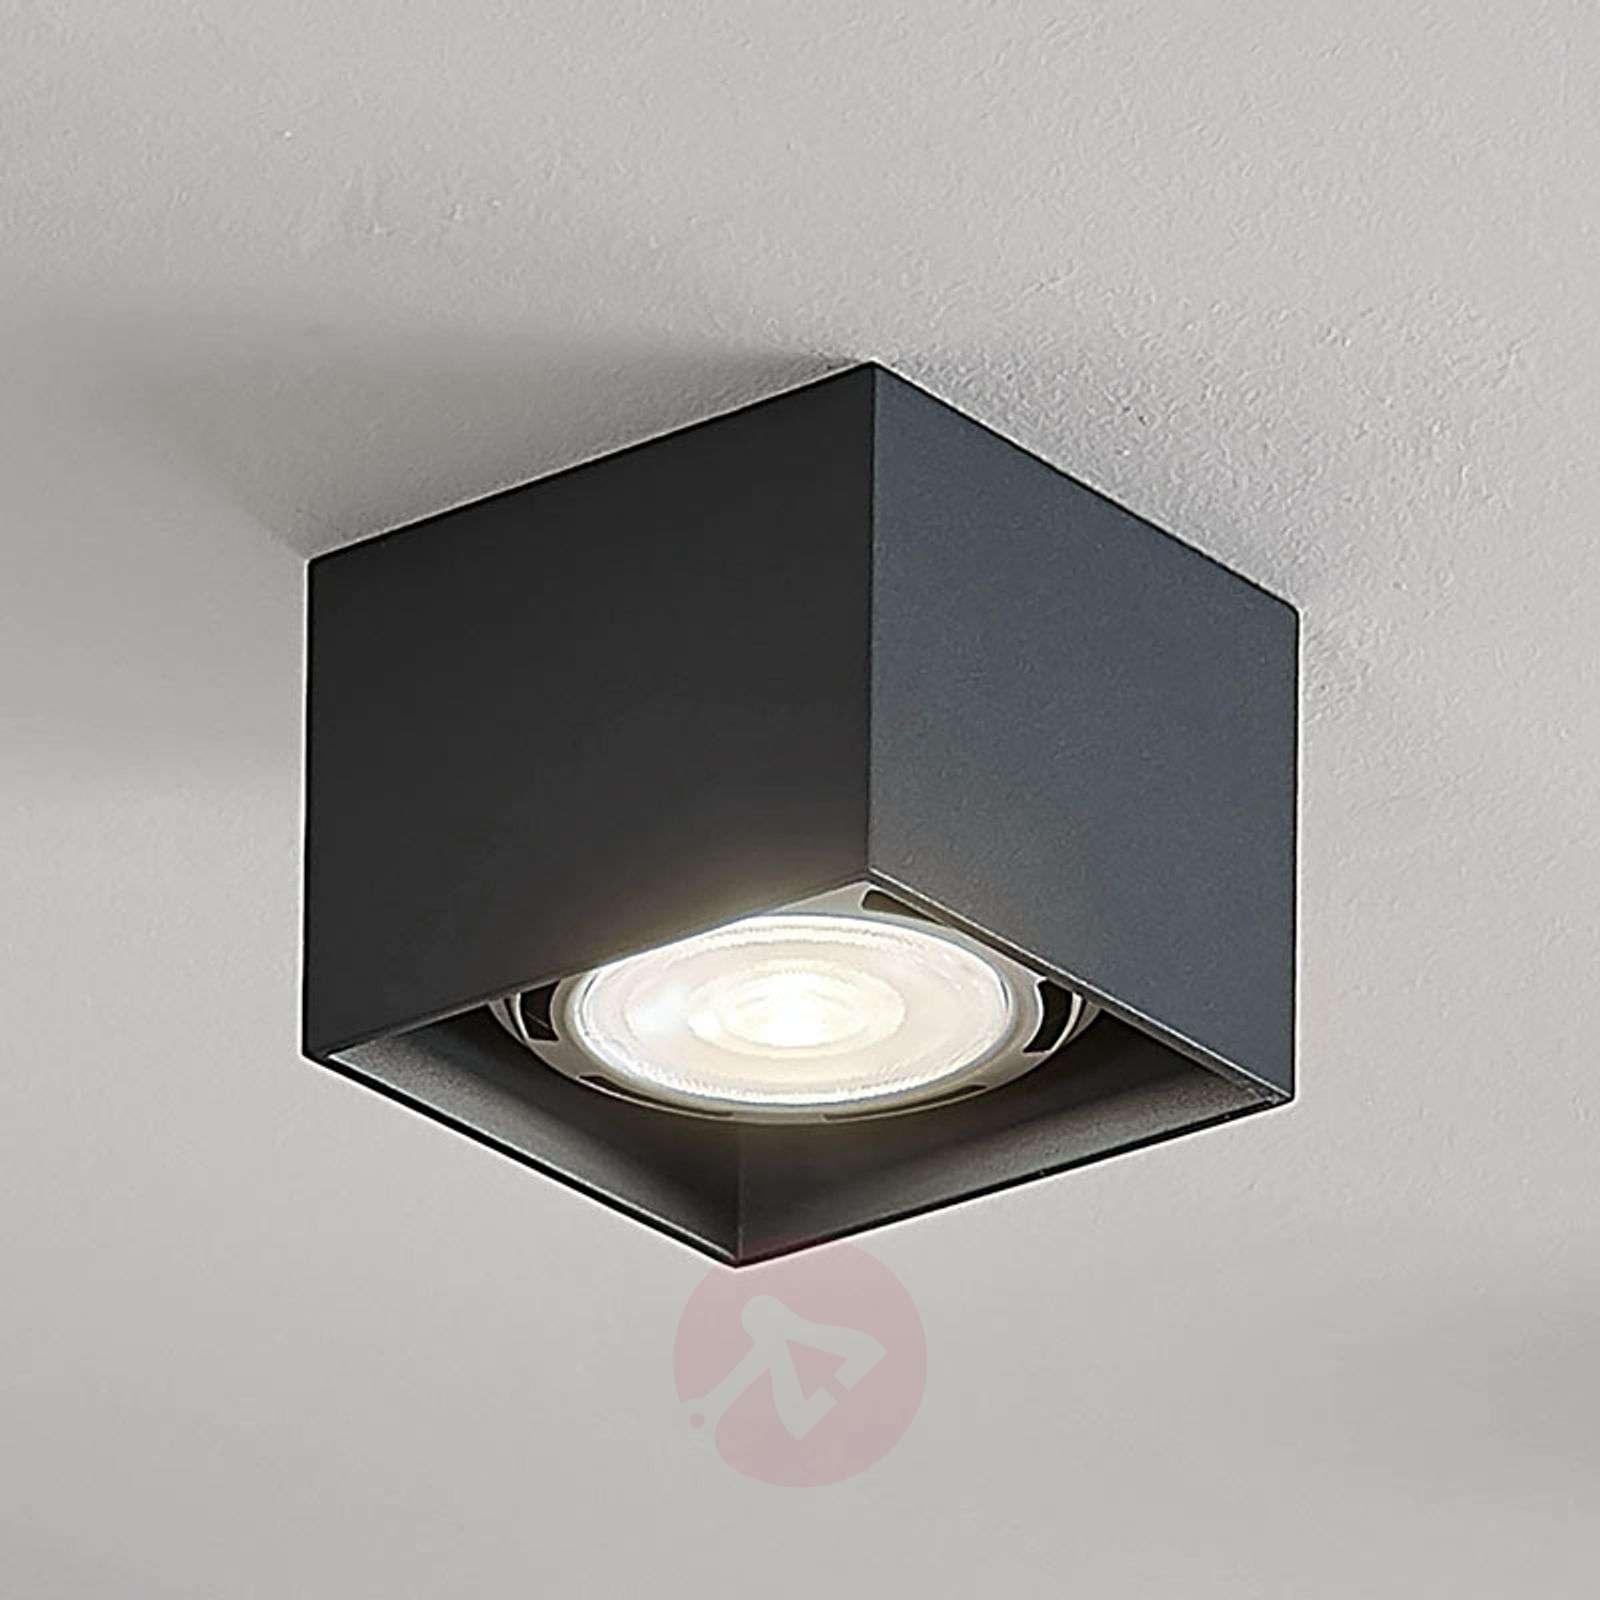 LED-kattospotti Mabel, kulmikas, harmaa-9621917-02